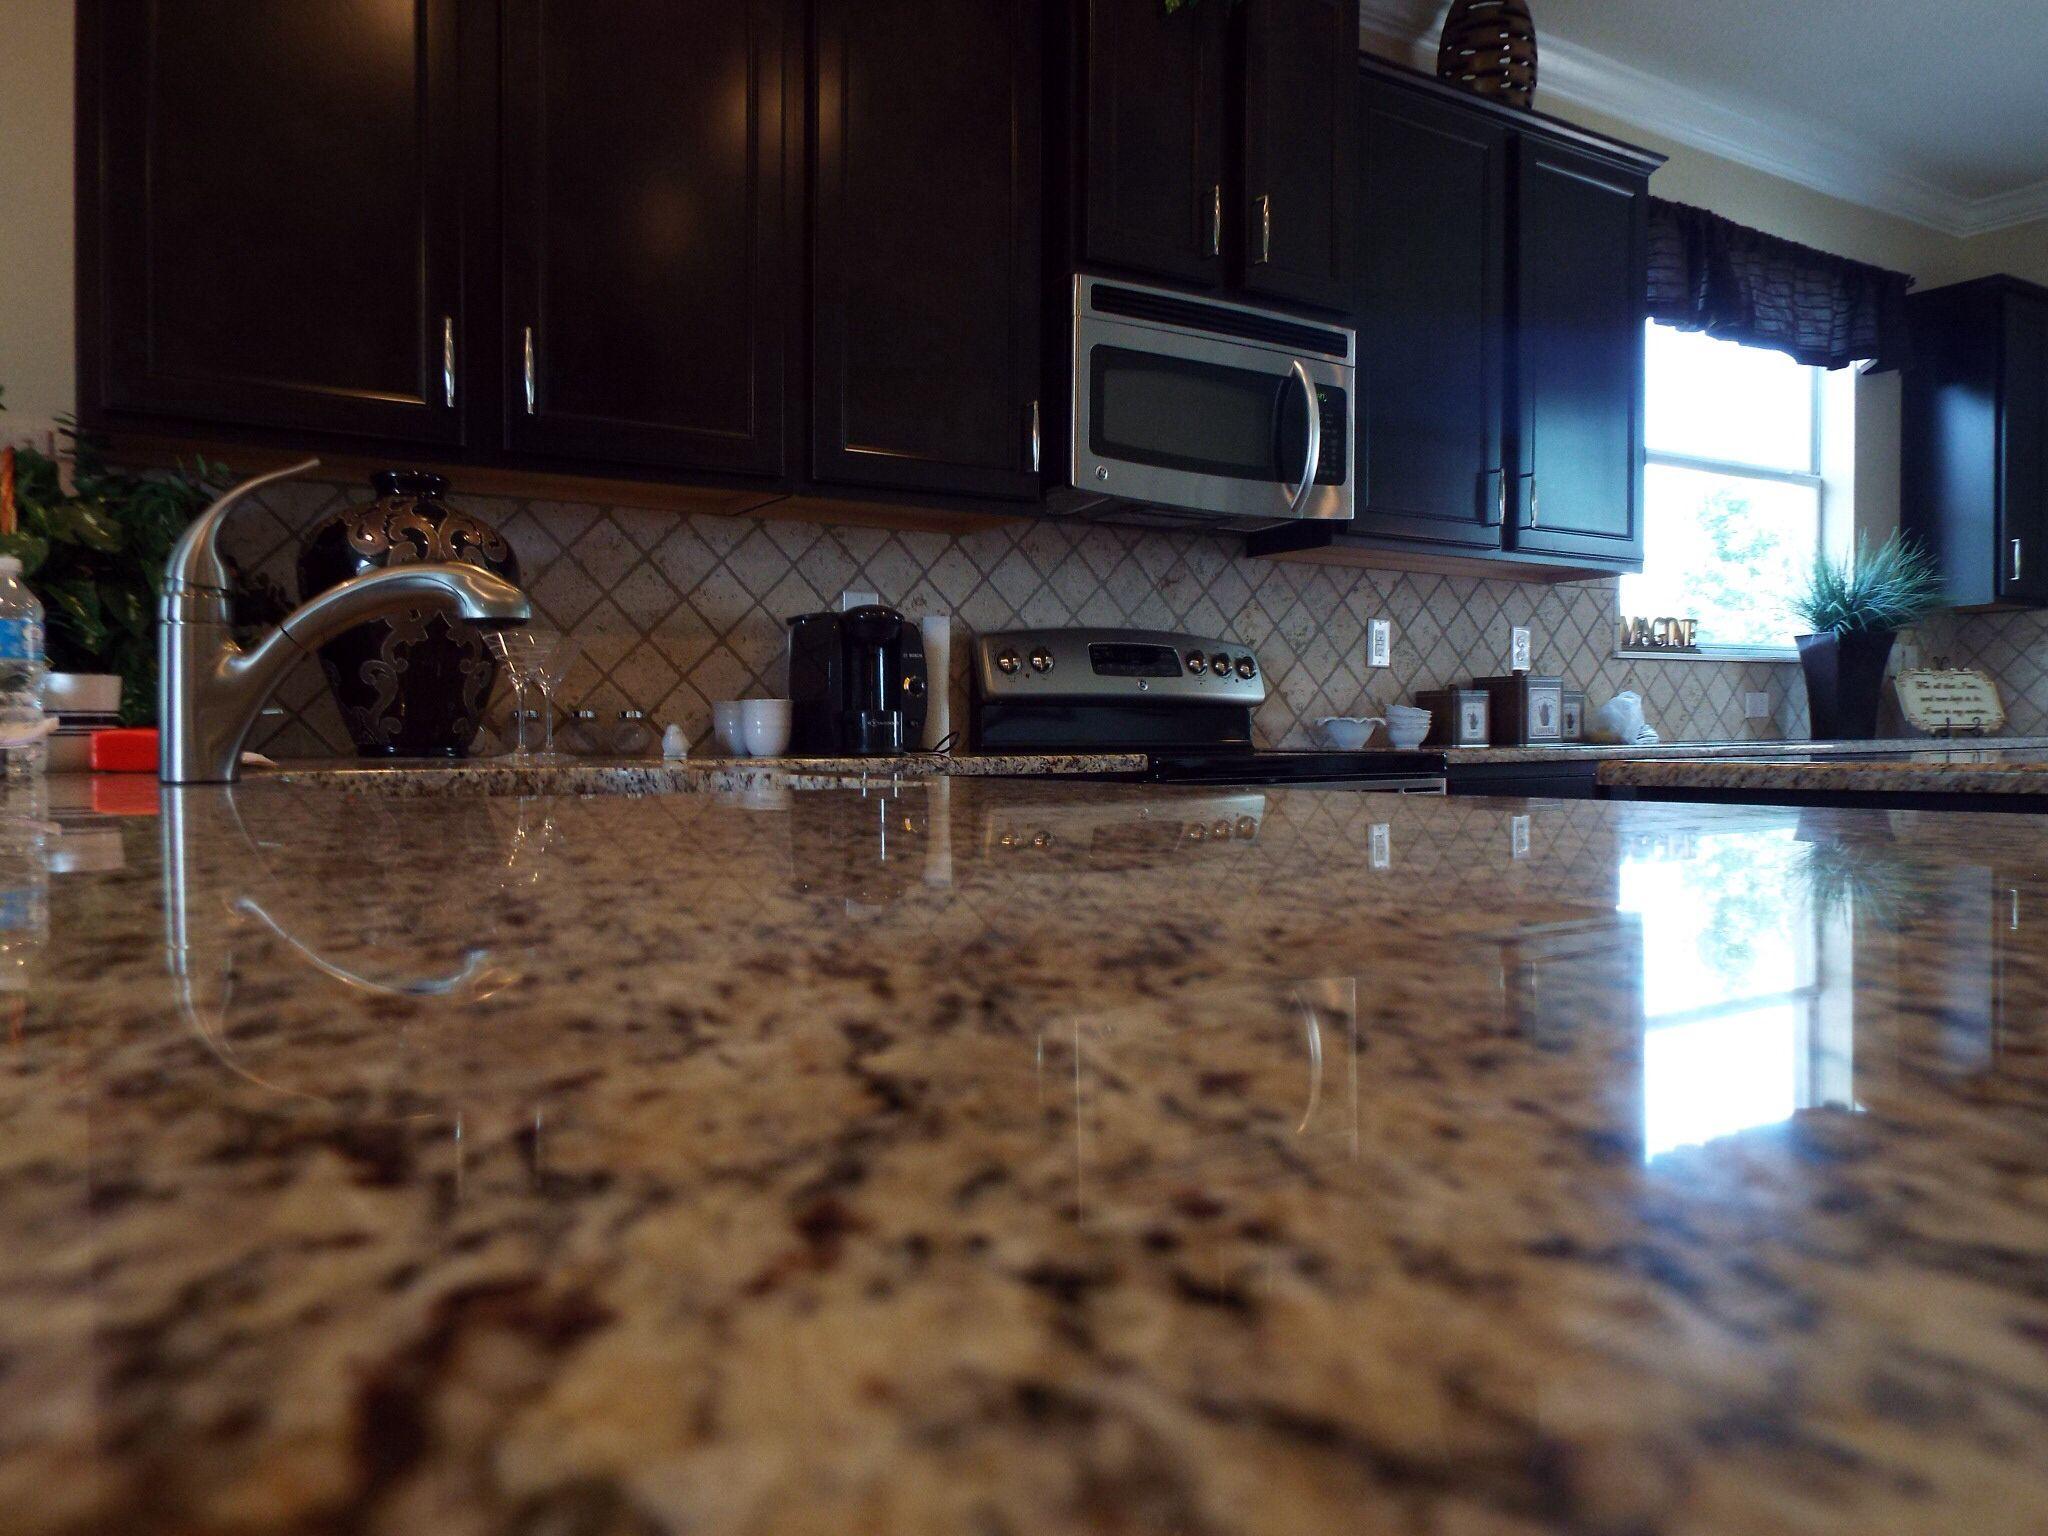 Beautiful Granite Countertops, Sarsaparilla Color Aristakrat Cabinets In D.R.  Hortonu0027s Homes In Tampa, Florida.